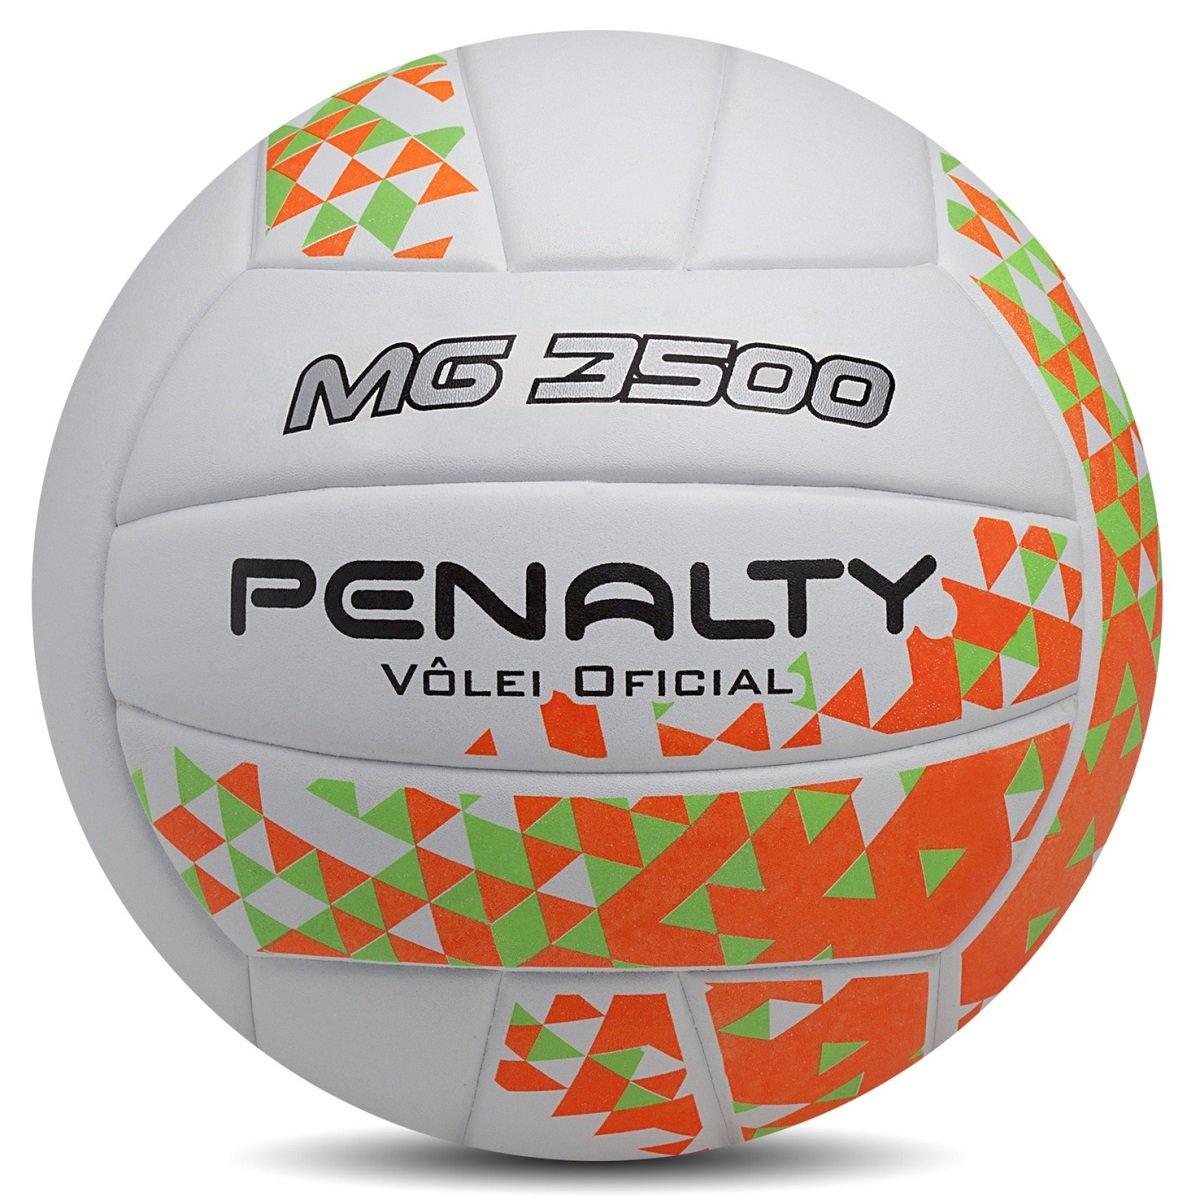 f5dc1502cd449 Bola Vôlei Penalty MG 3500 VIII 520315 1790